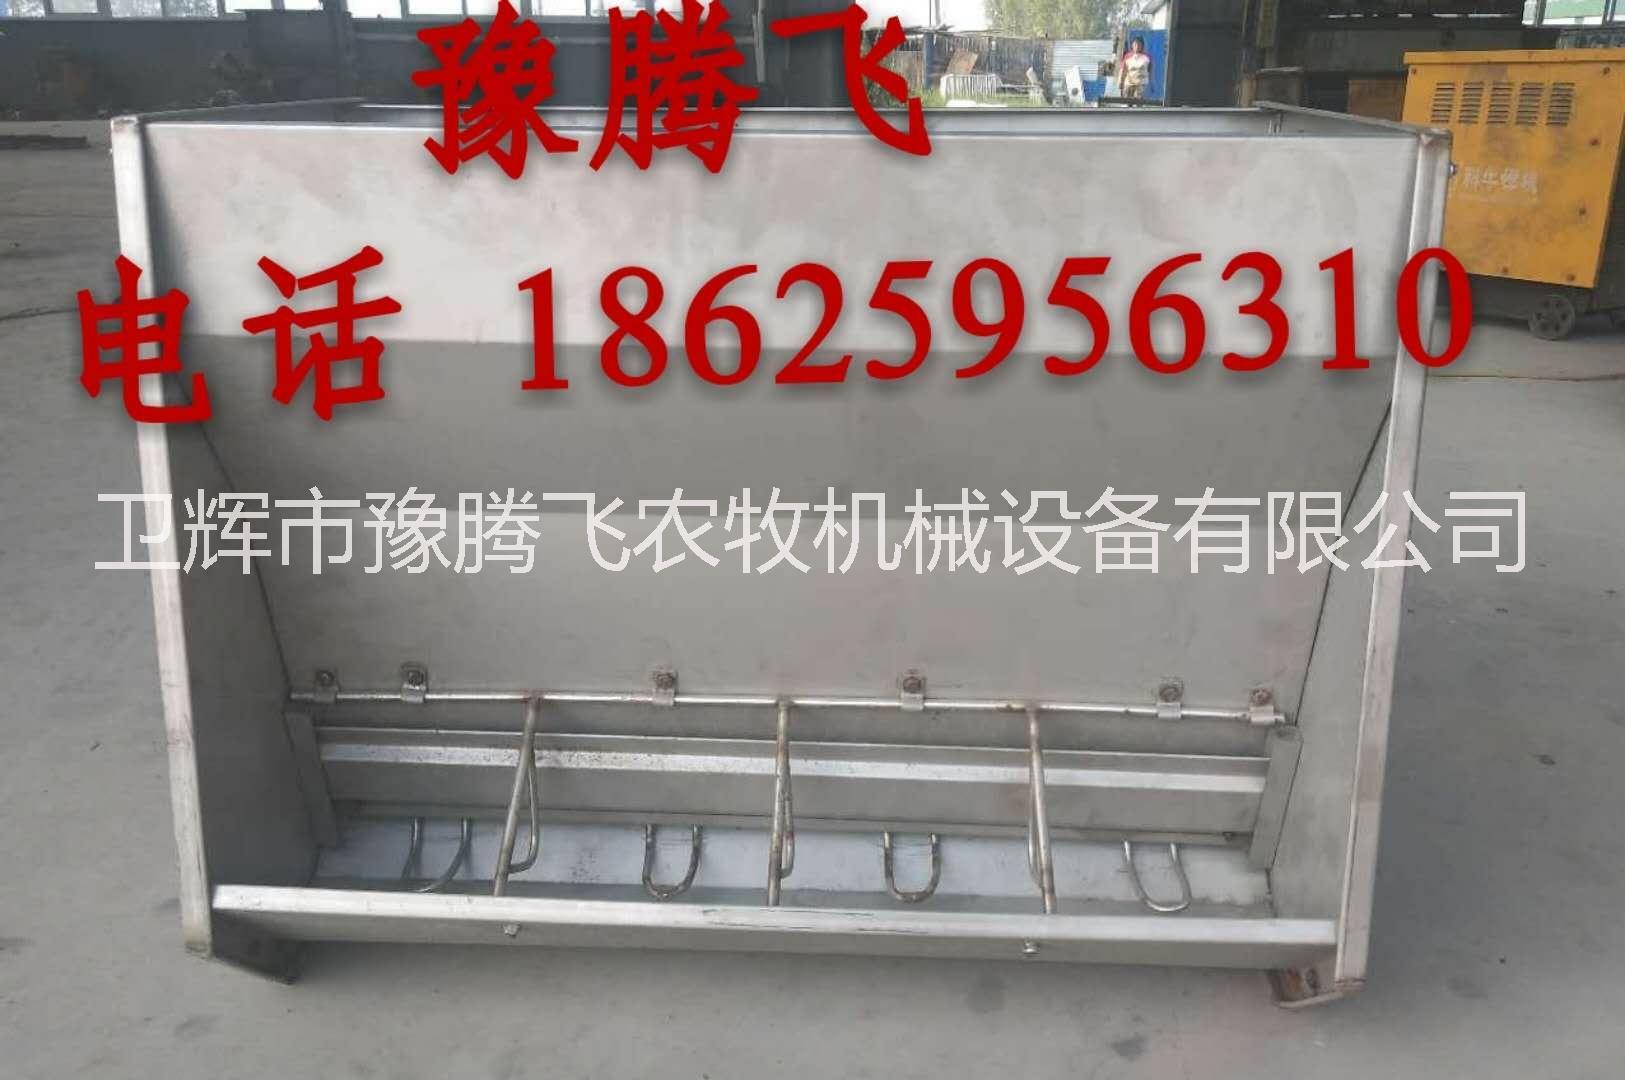 厂家直销不锈钢料槽 保育双面料槽